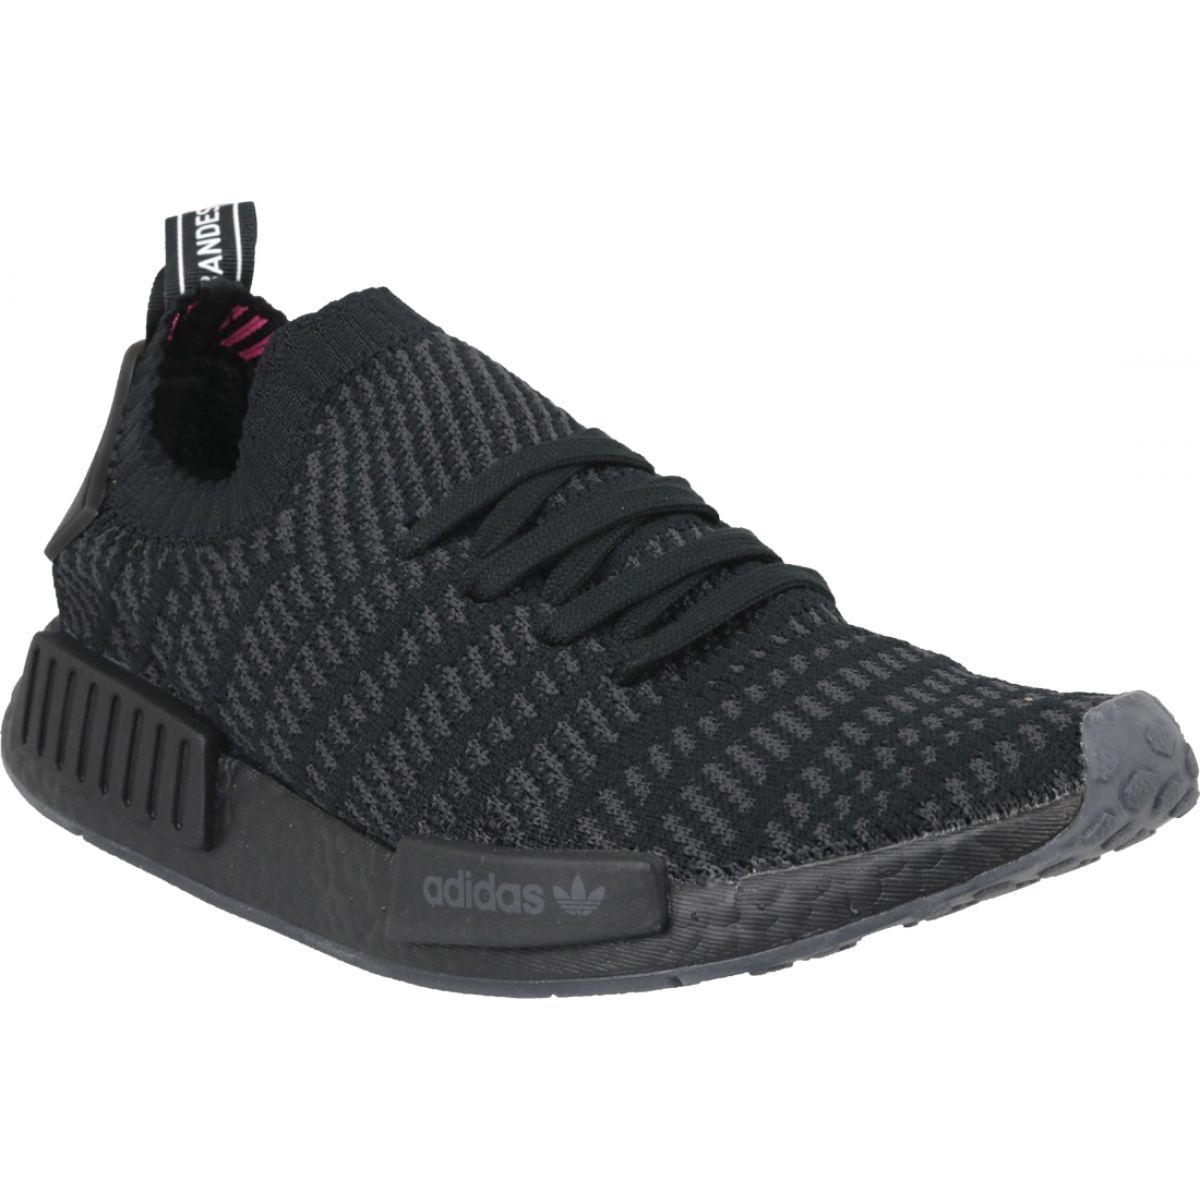 Stlt Cq2391 Schwarz M Adidas r1 Nmd Pk Schuhe QdorBeWxC